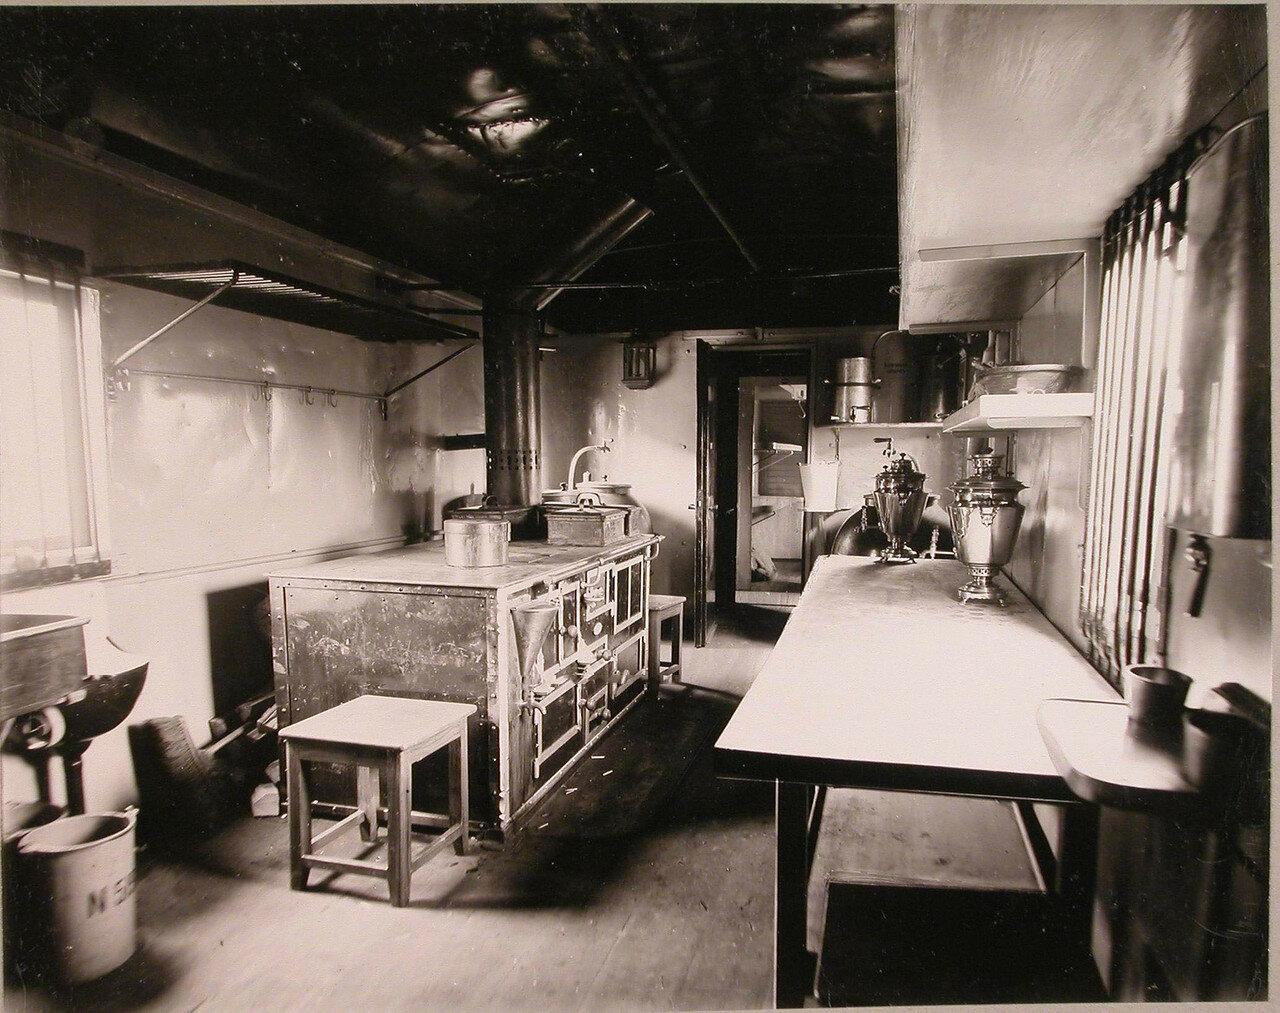 08. Внутренний вид вагона поезда, оборудованного под кухню